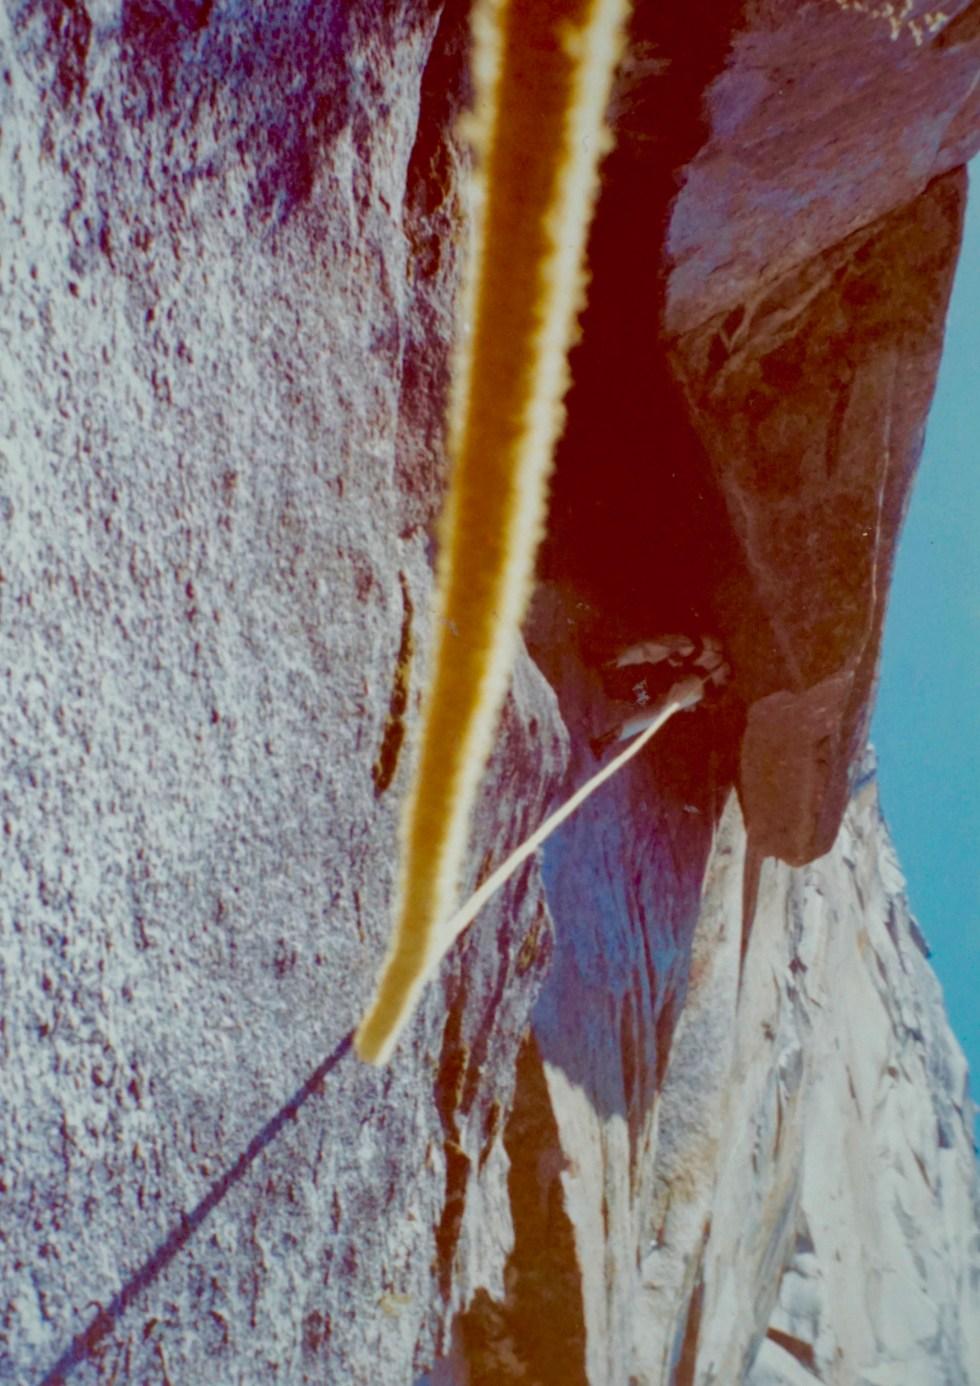 Robert mads Anderson, El Cap, Salathe Wall